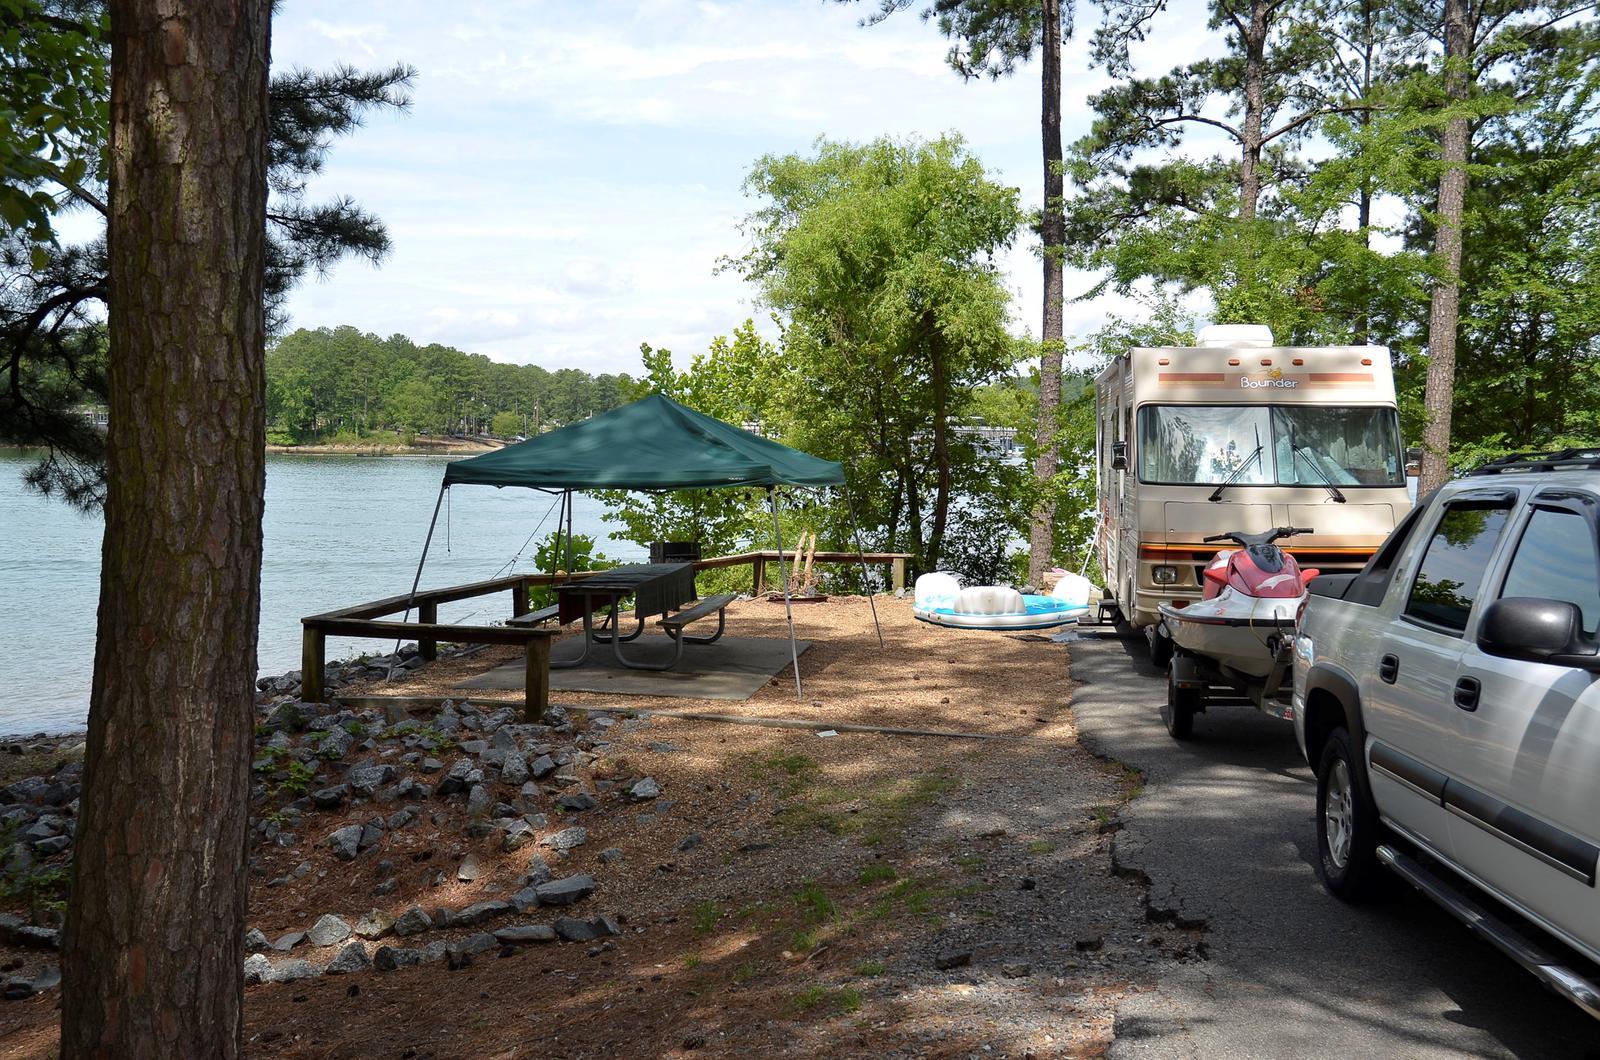 McKinney Campground Site 36